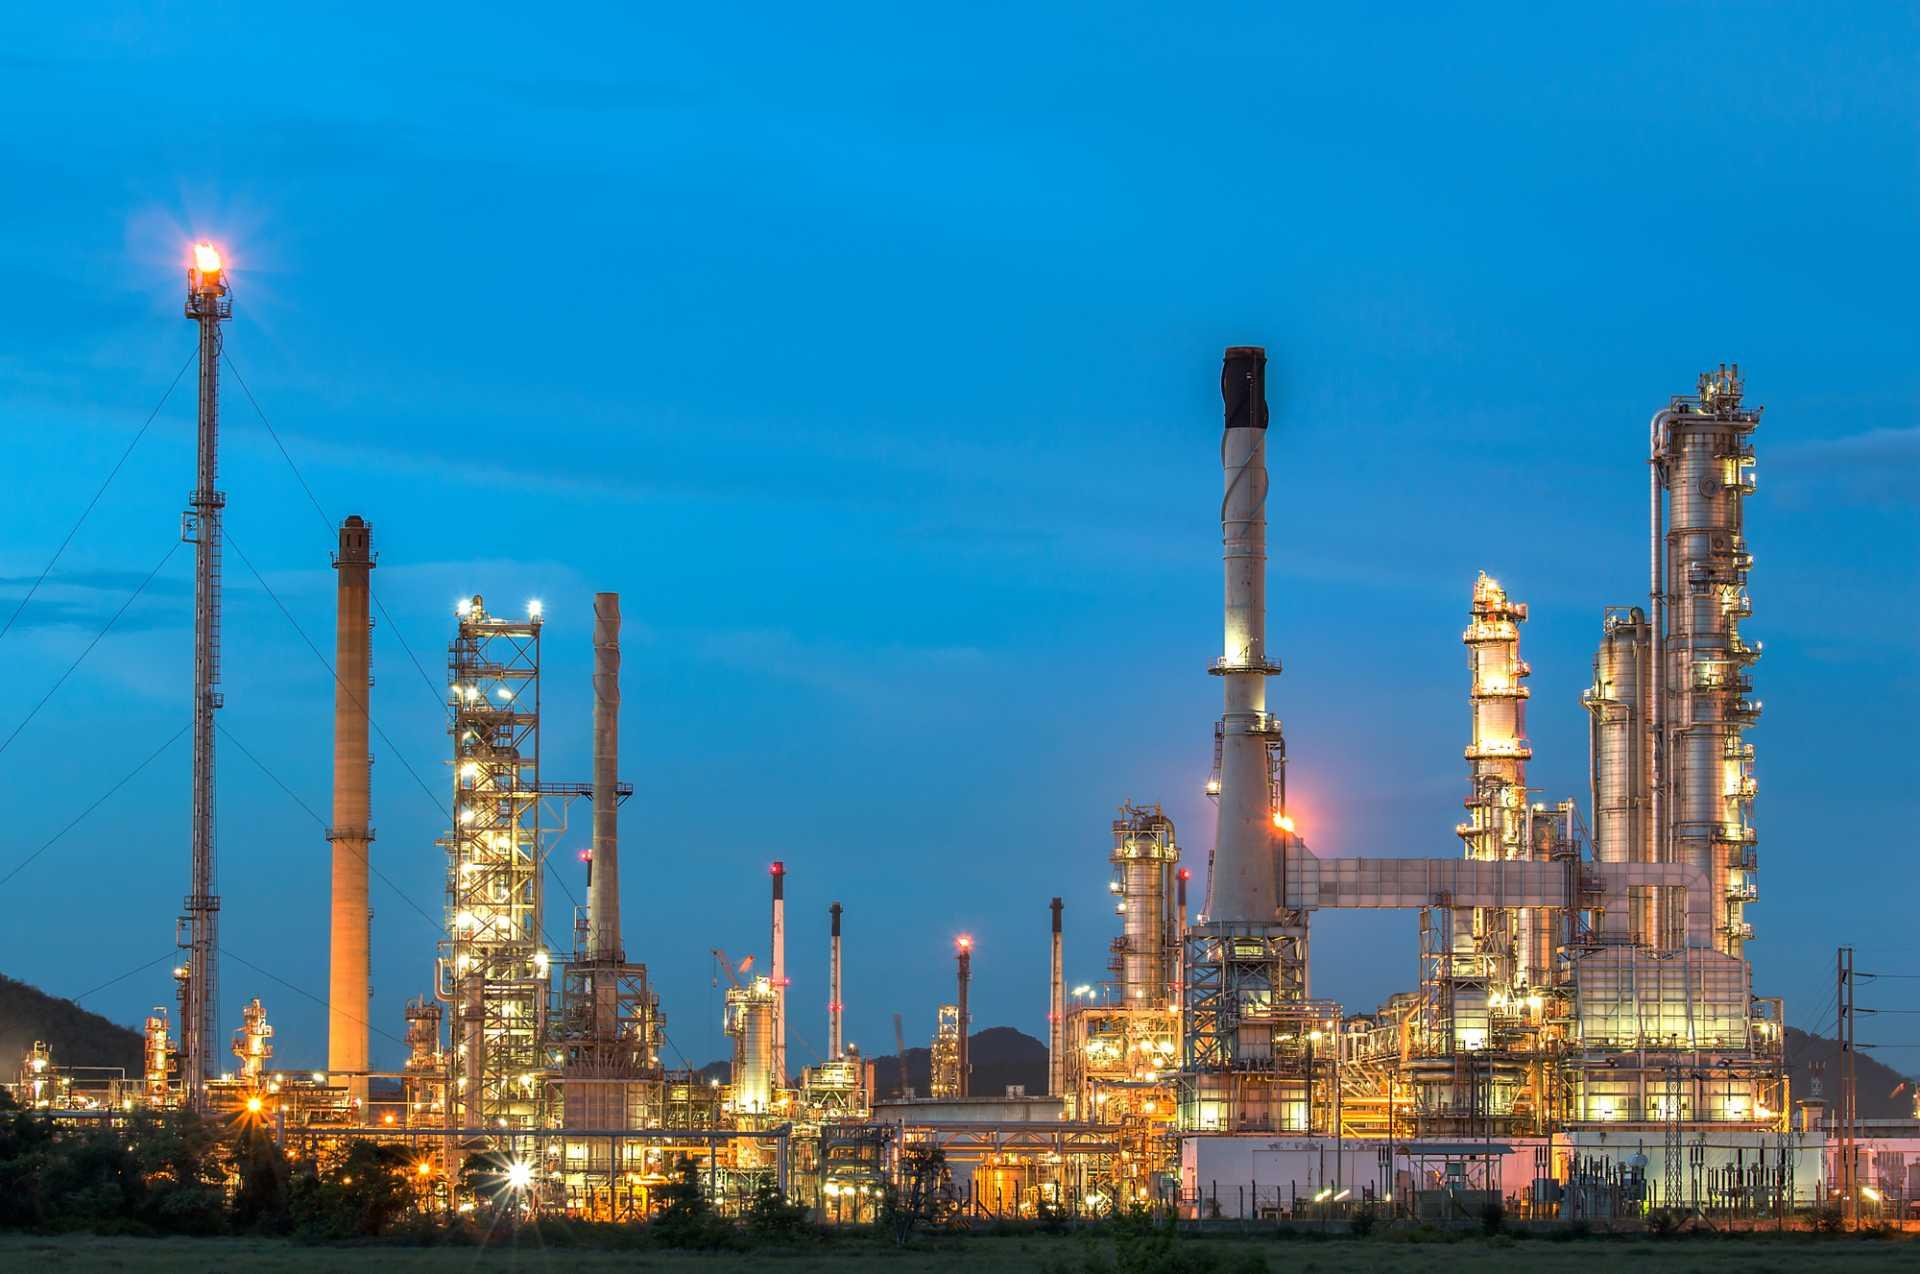 Factory CO2 Capture - image courtesy of Depositphotos. Biotechnology